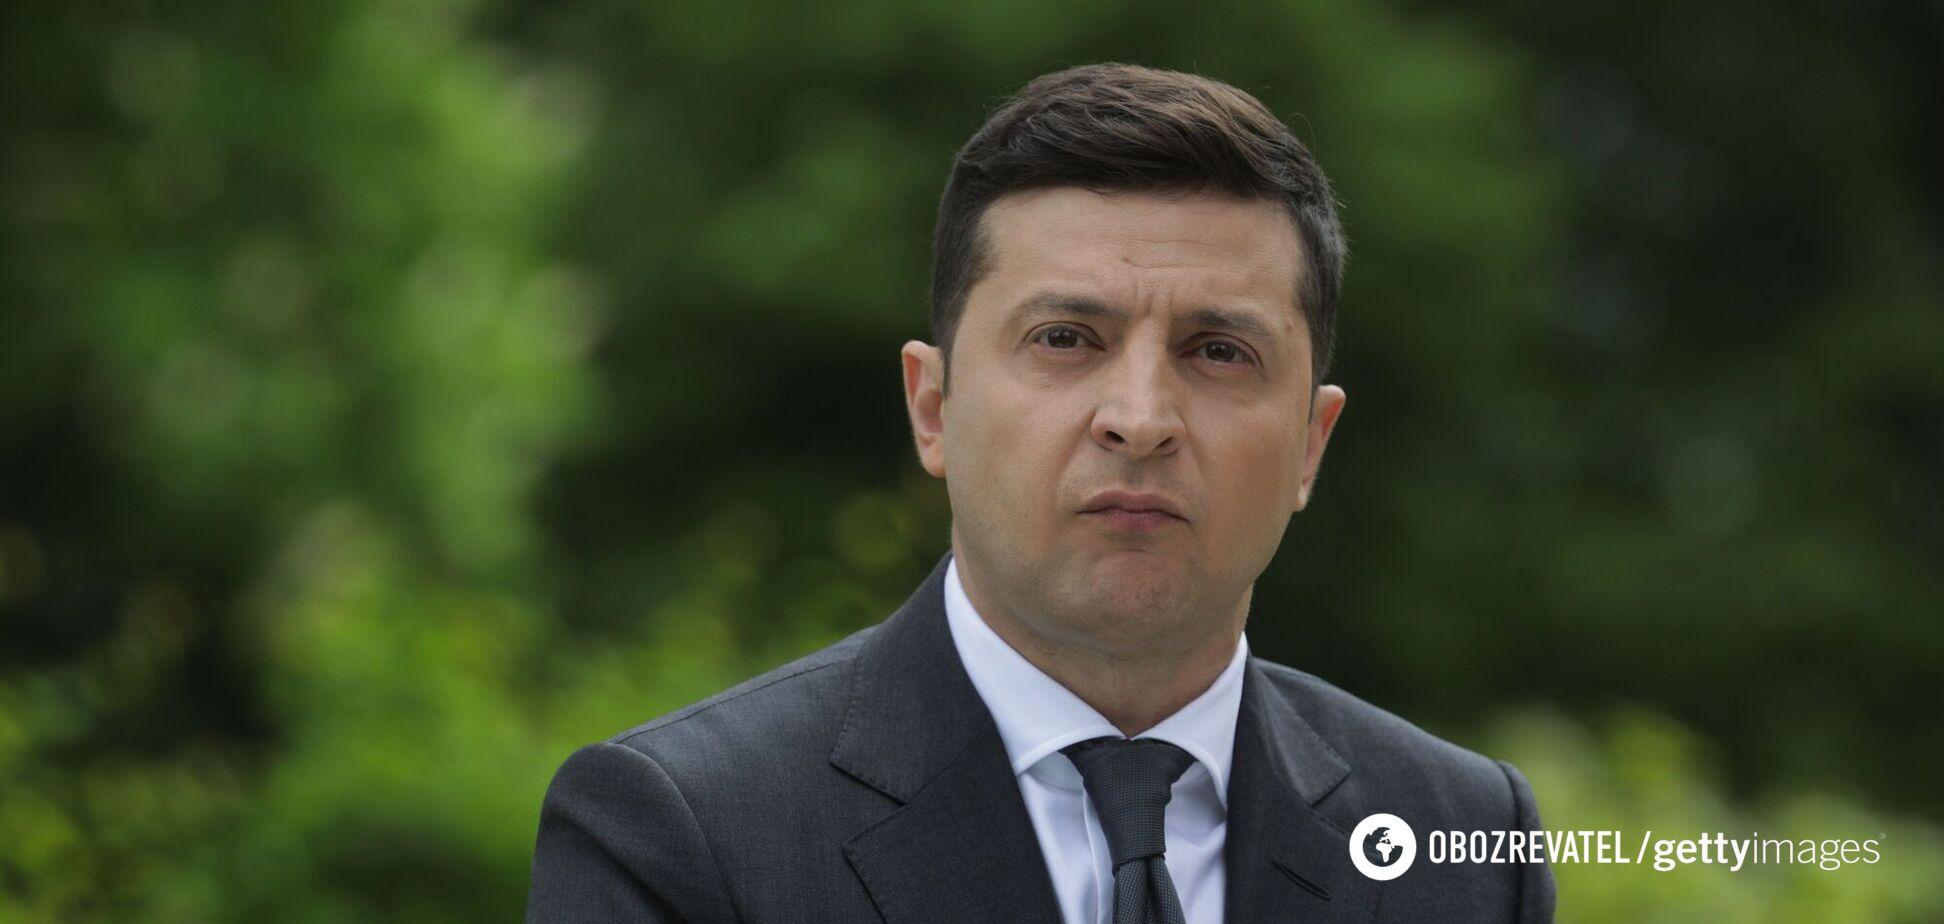 'Я должен только своим родителям' - єдина обіцянка, яку сумлінно виконує президент Зеленський